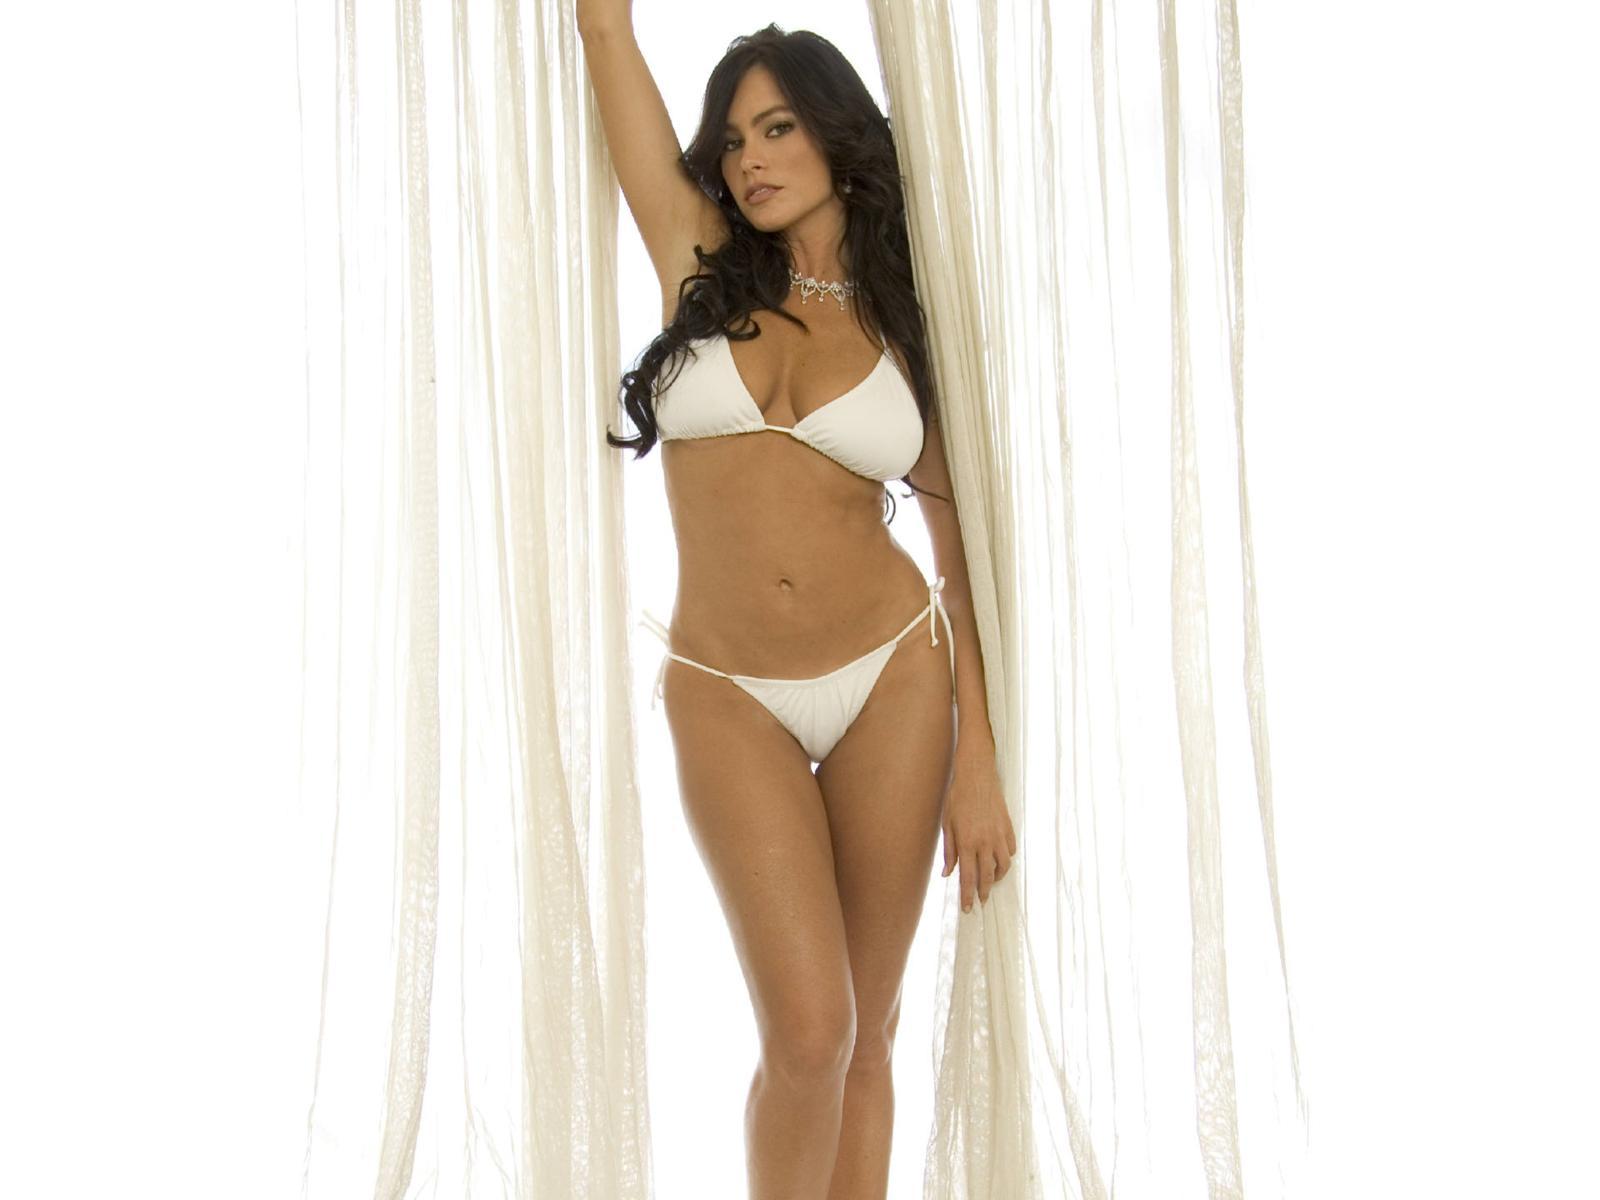 http://3.bp.blogspot.com/-MFql7a_6OII/TZ-qCAnwESI/AAAAAAAABV0/269lugbUhAw/s1600/sofia_vergara_sexy_bikini_desktop_wallpaper_11381.jpg